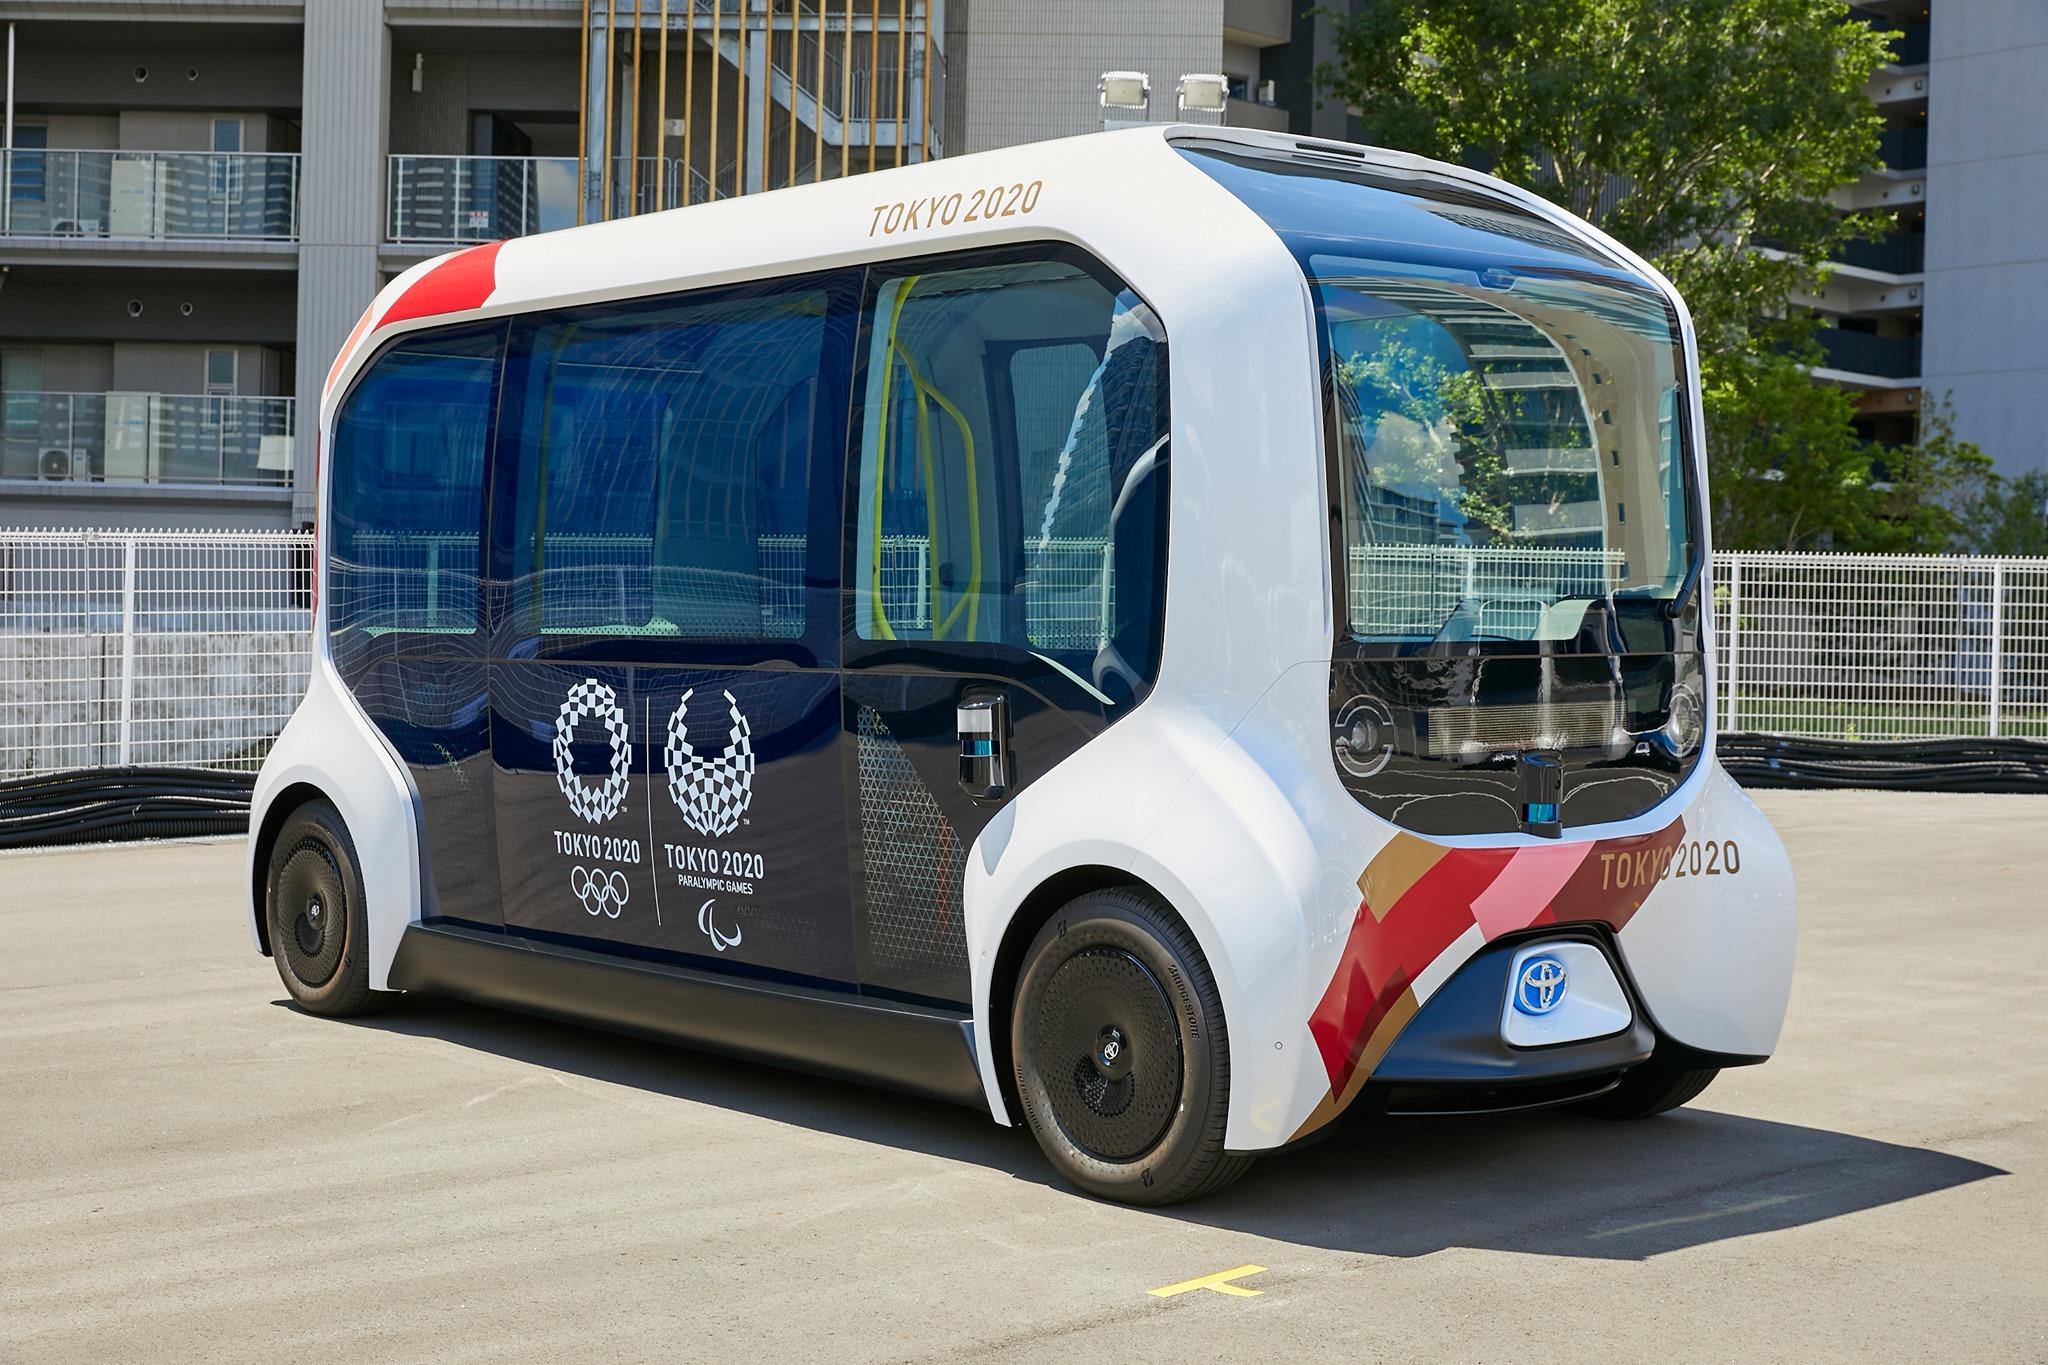 Carros elétricos na vila olimpica